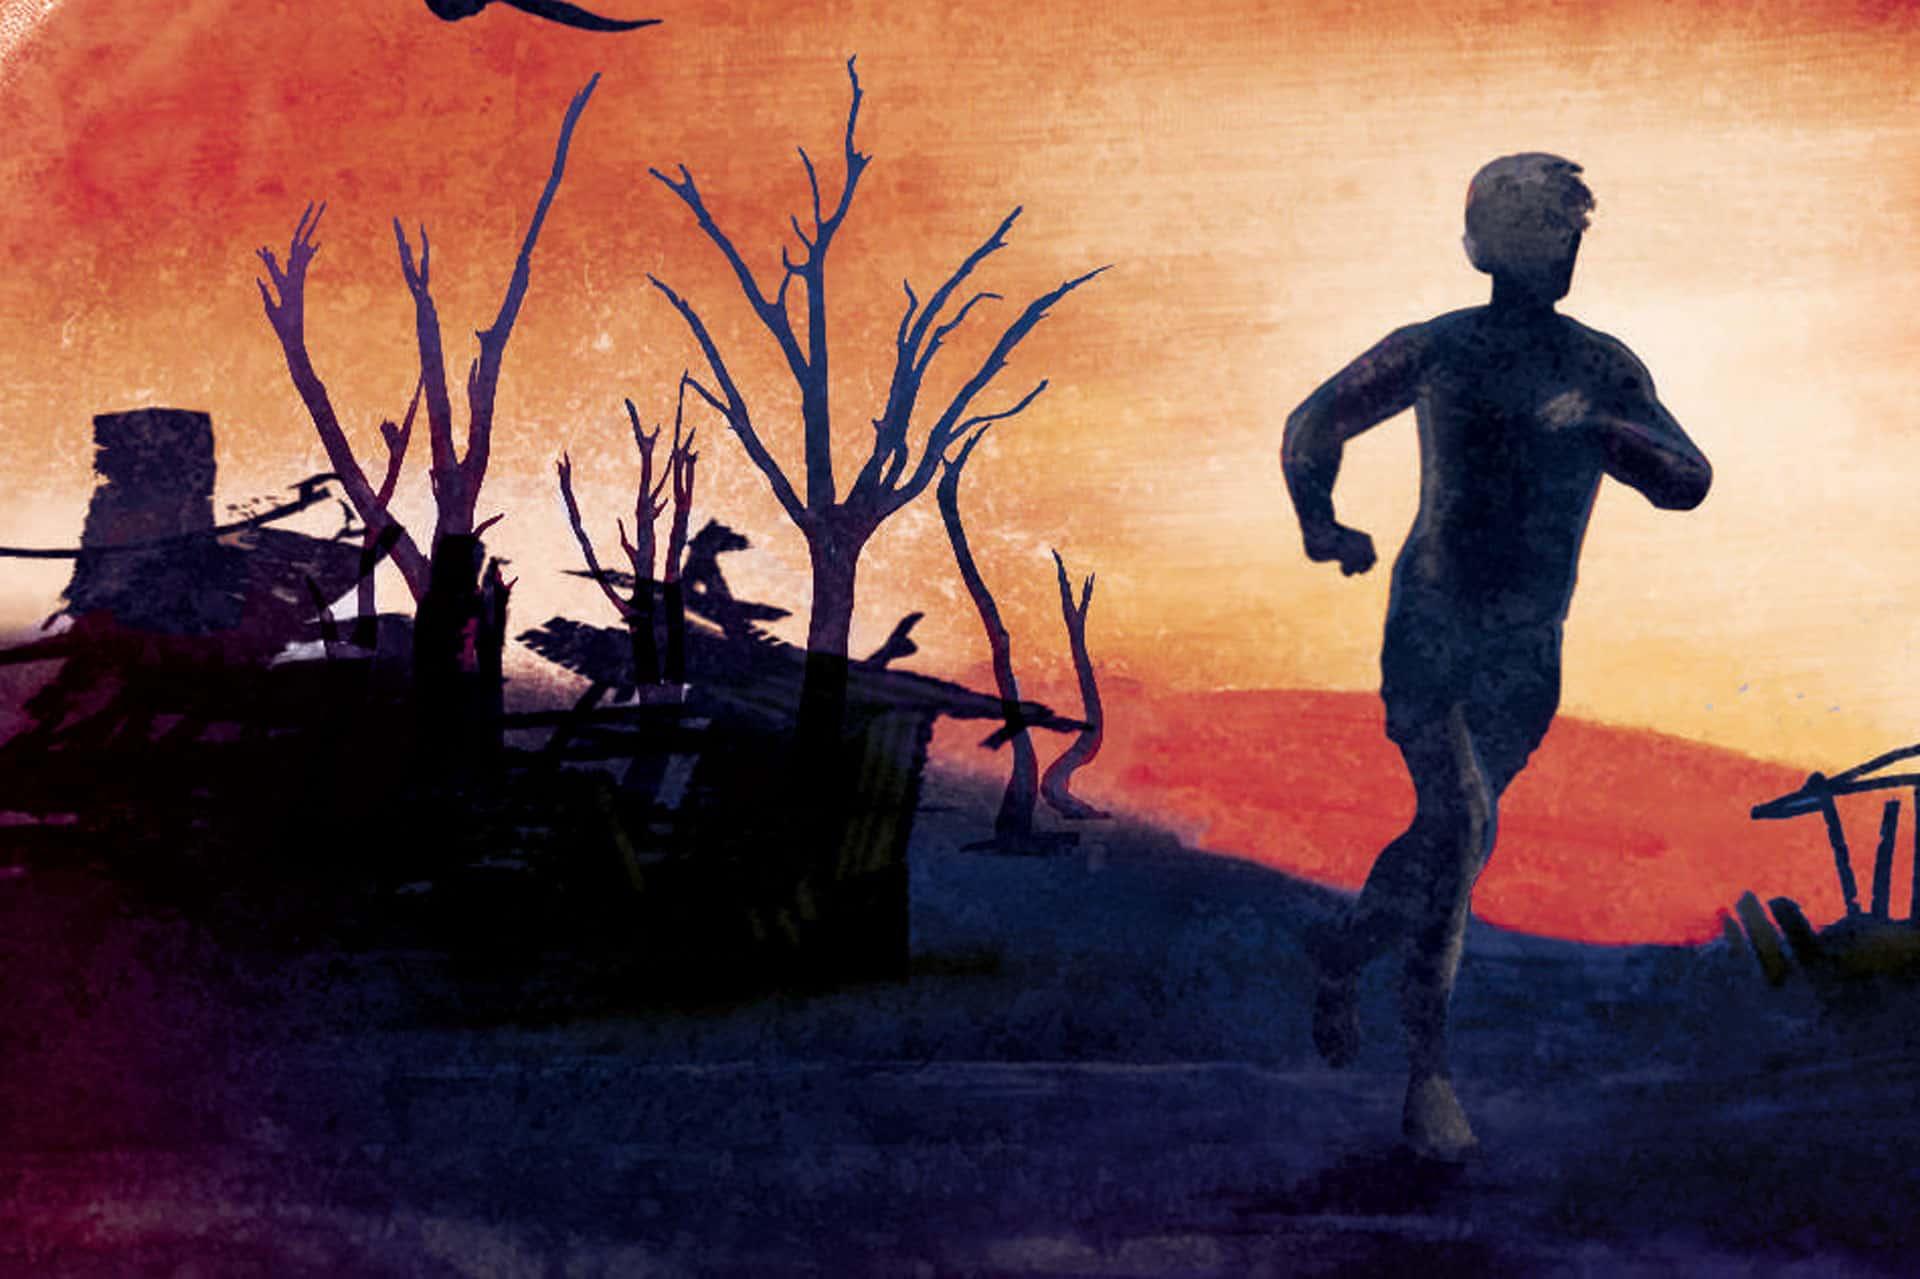 Zeichnung eines Jungen, der rennt (c) dtv